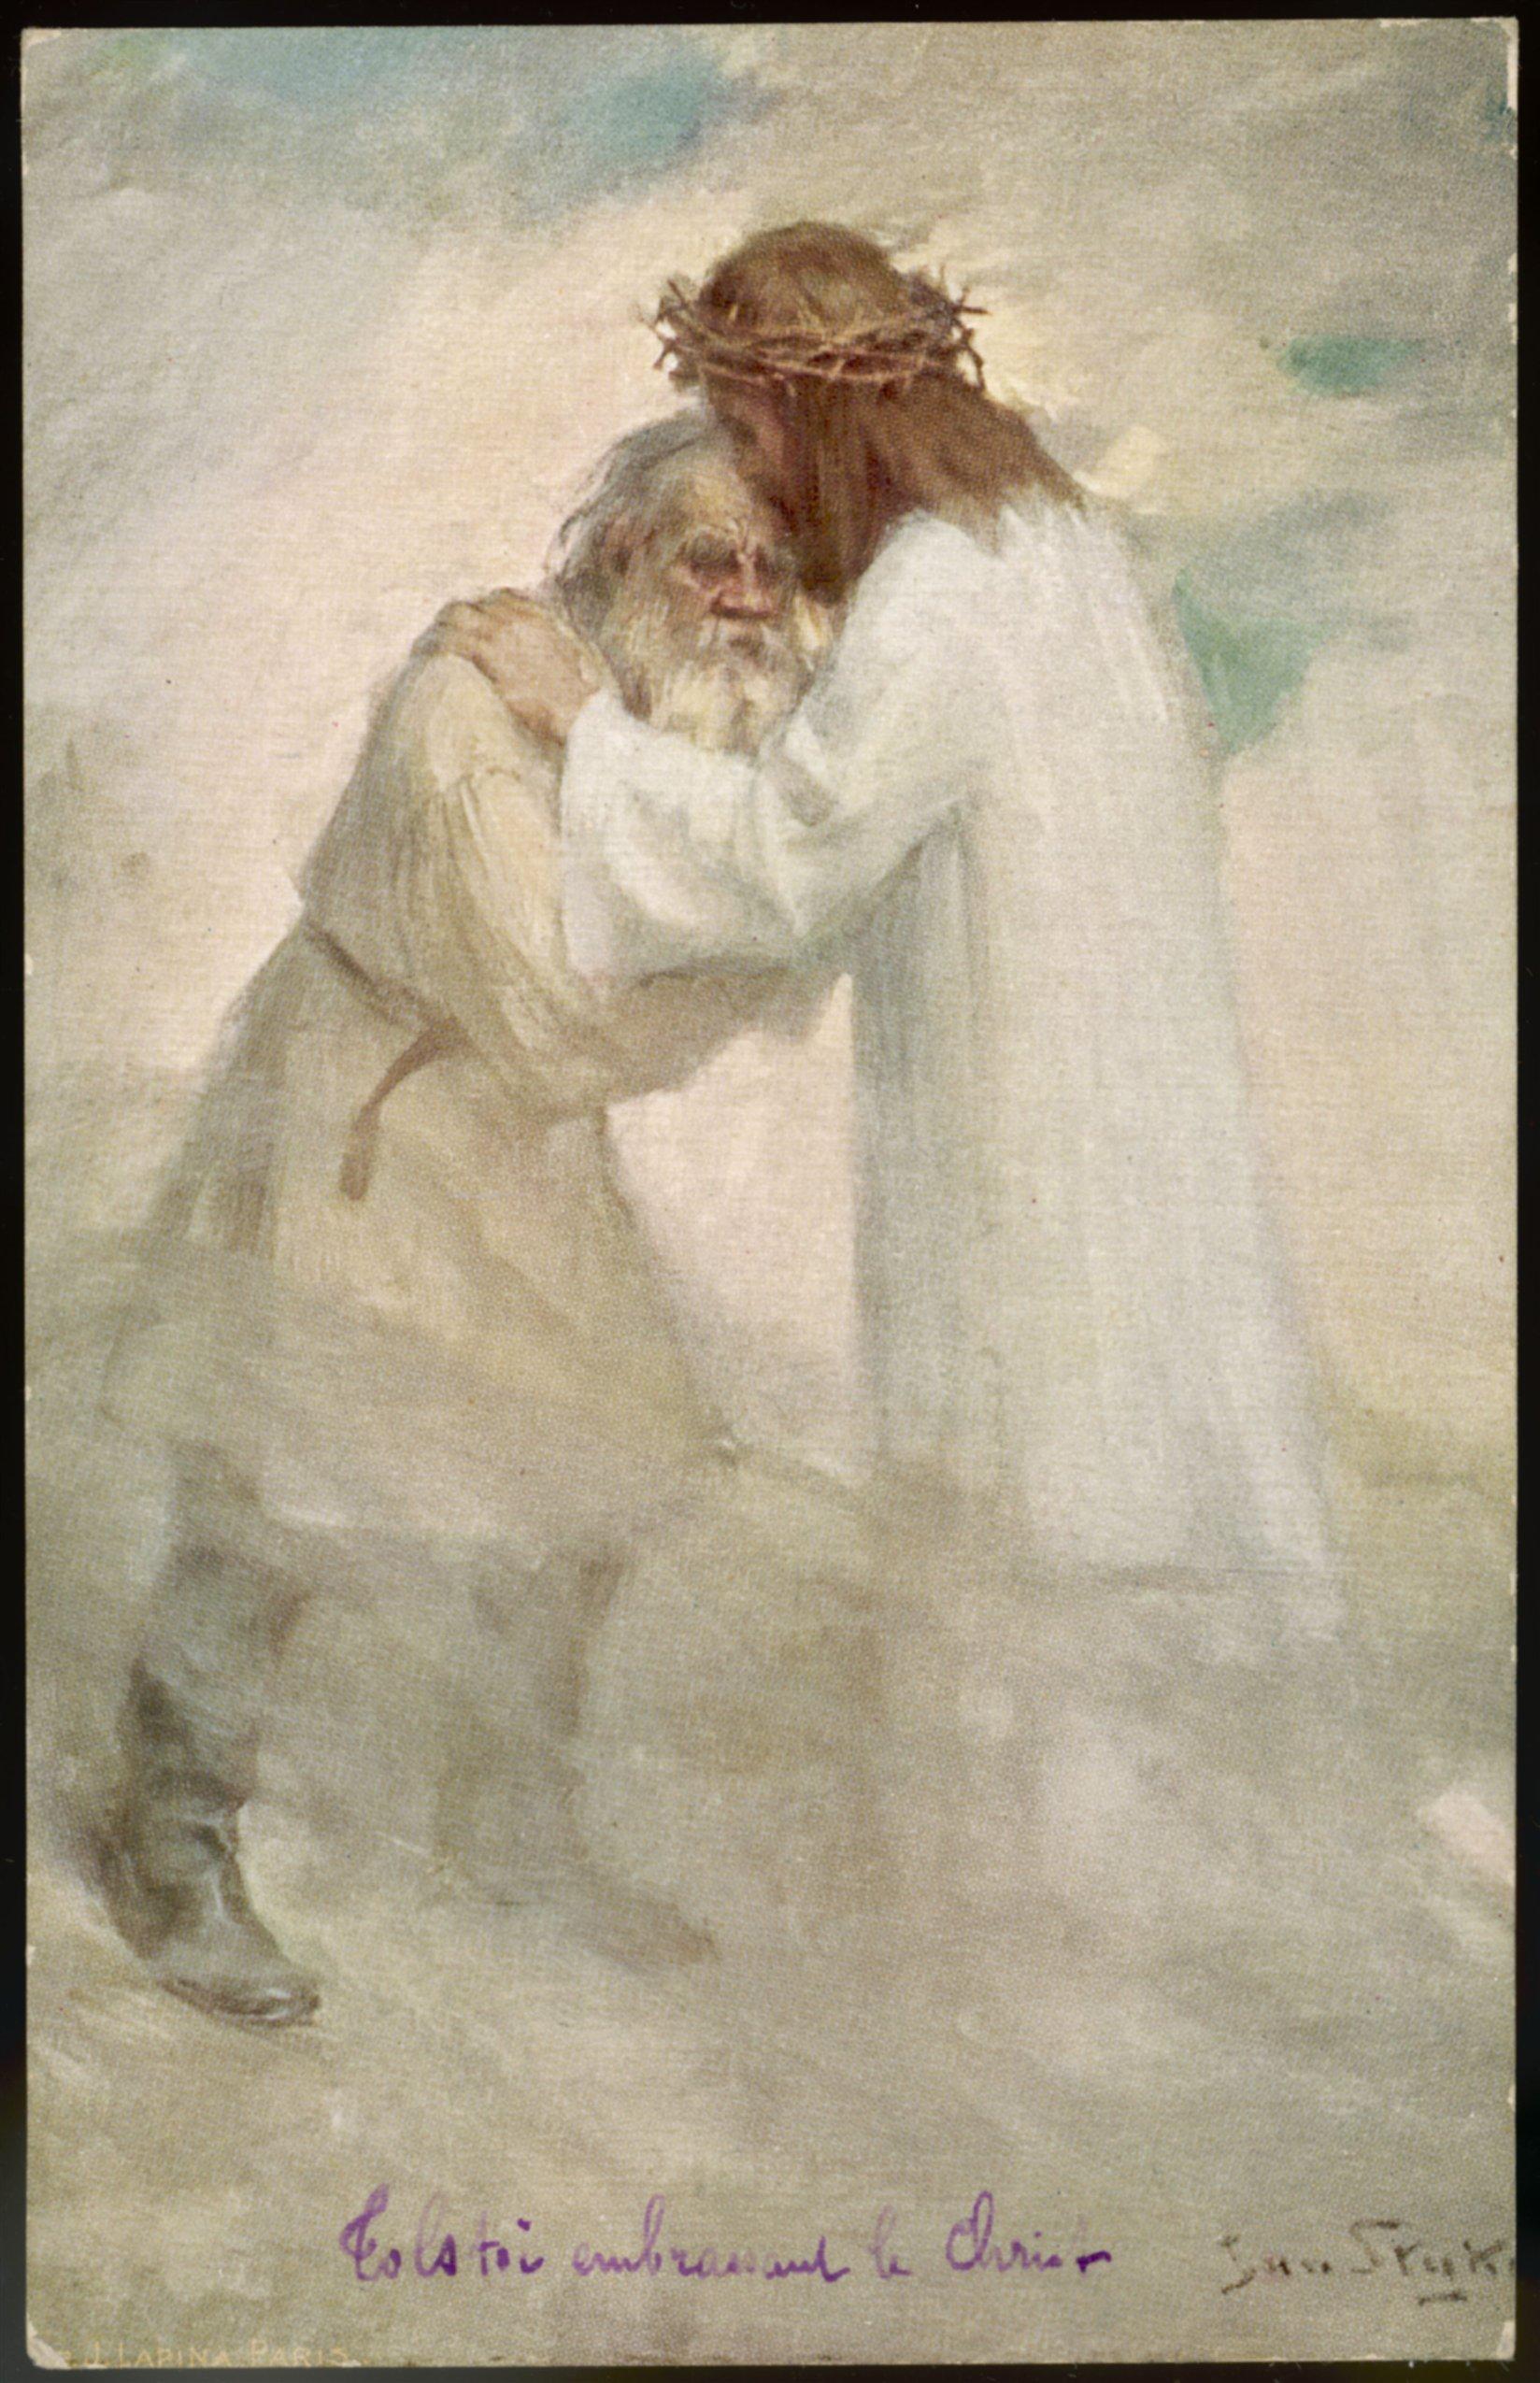 """Картина польского художника Яна Стыки """"Лев Толстой, обнимающий Христа"""""""